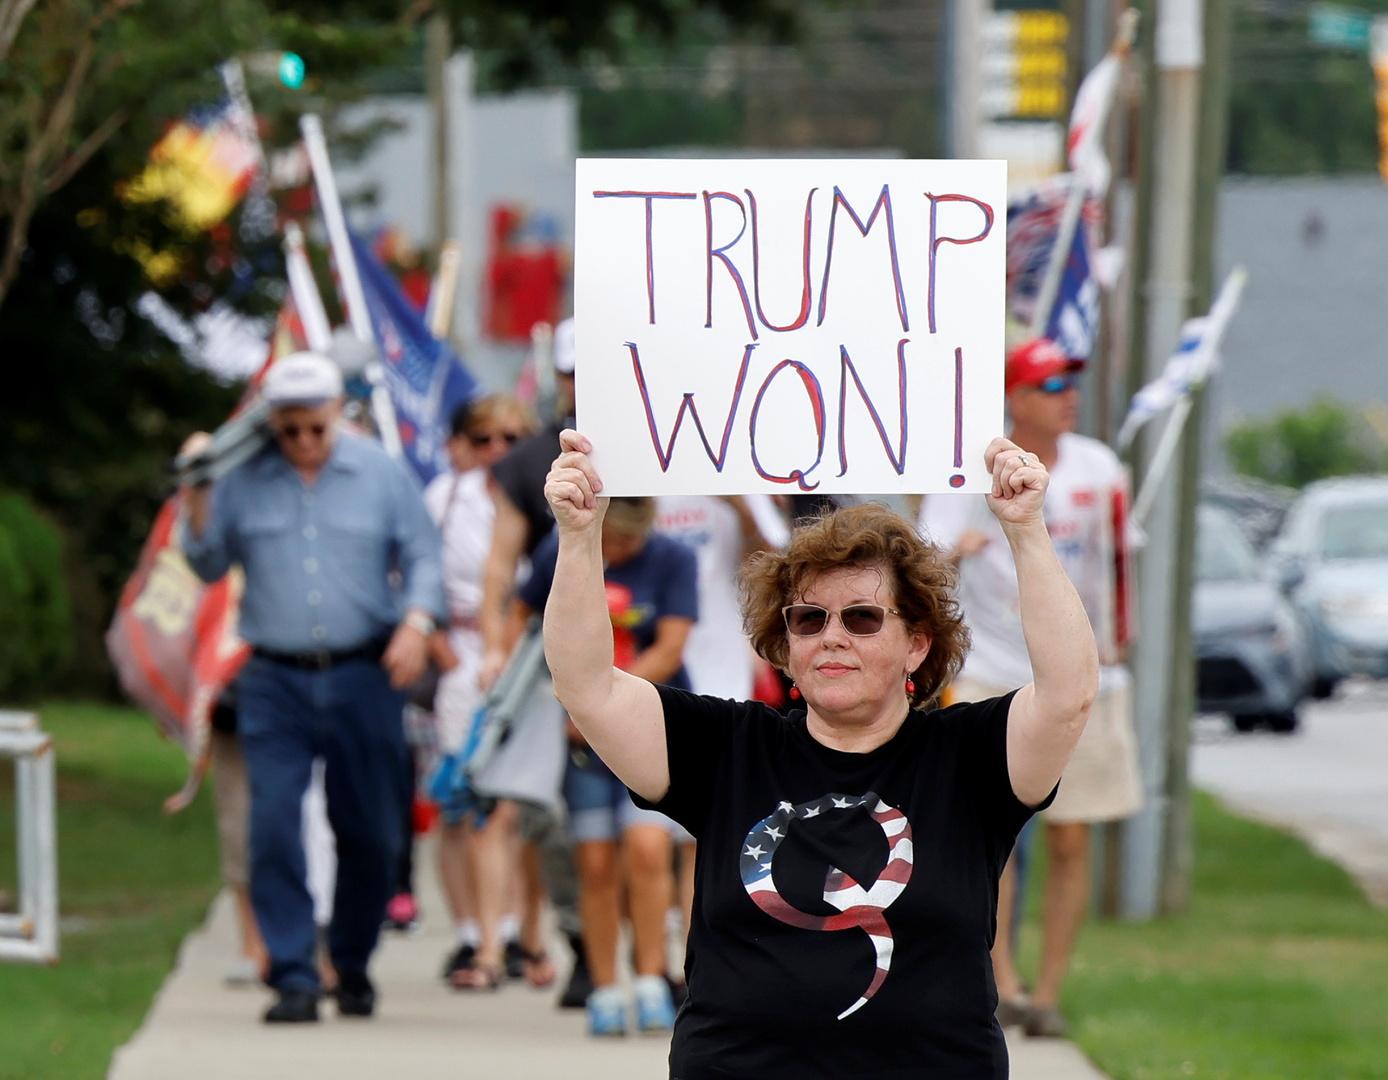 استطلاع: 51% من الجمهوريين يعتبرون أن نتائج انتخابات 2020 ستتغير